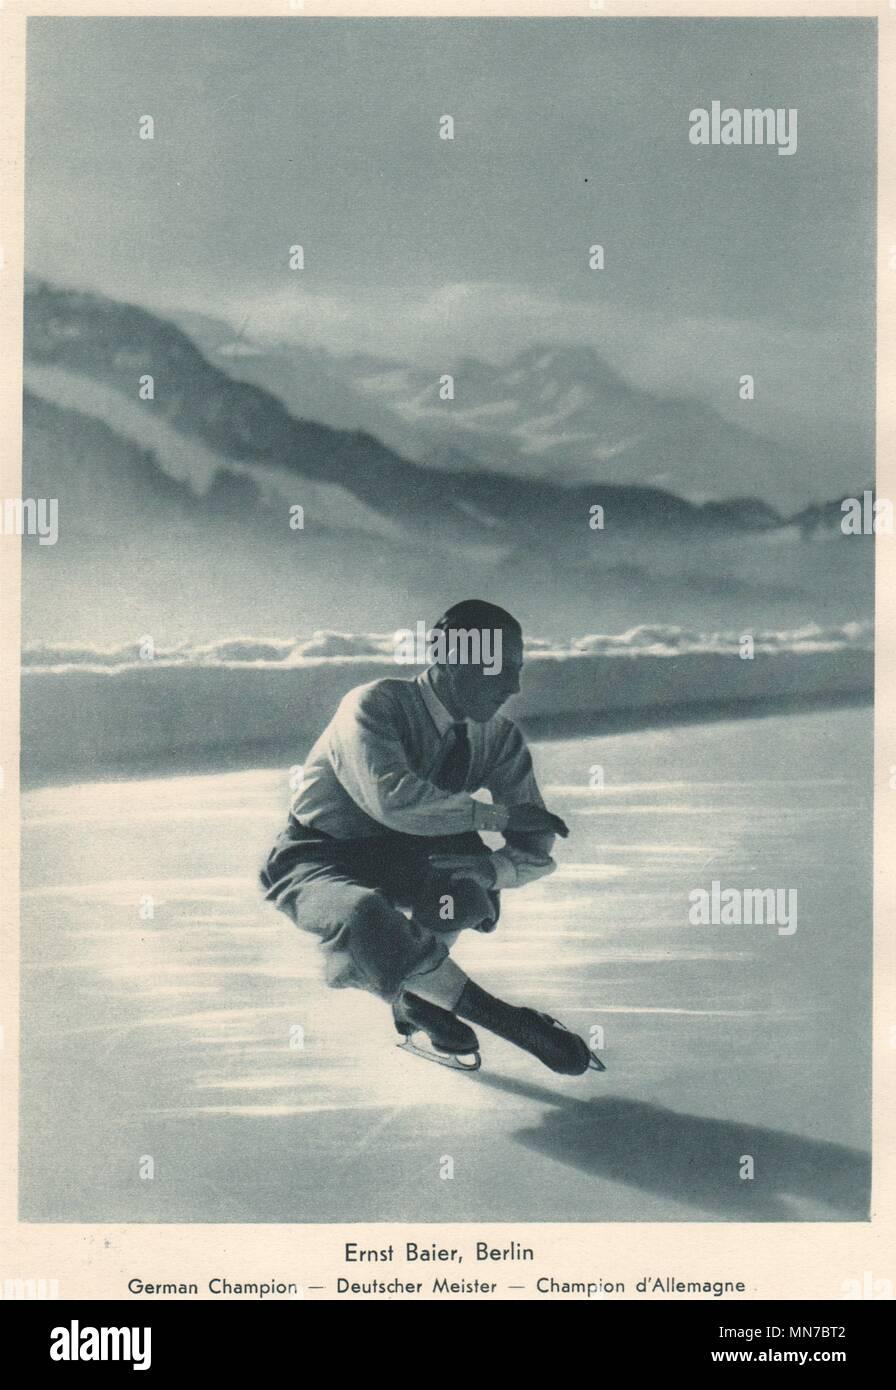 ICE FIGURE SKATING. Ernst Baier - German Champion - Deutscher Meister (1) 1935 - Stock Image